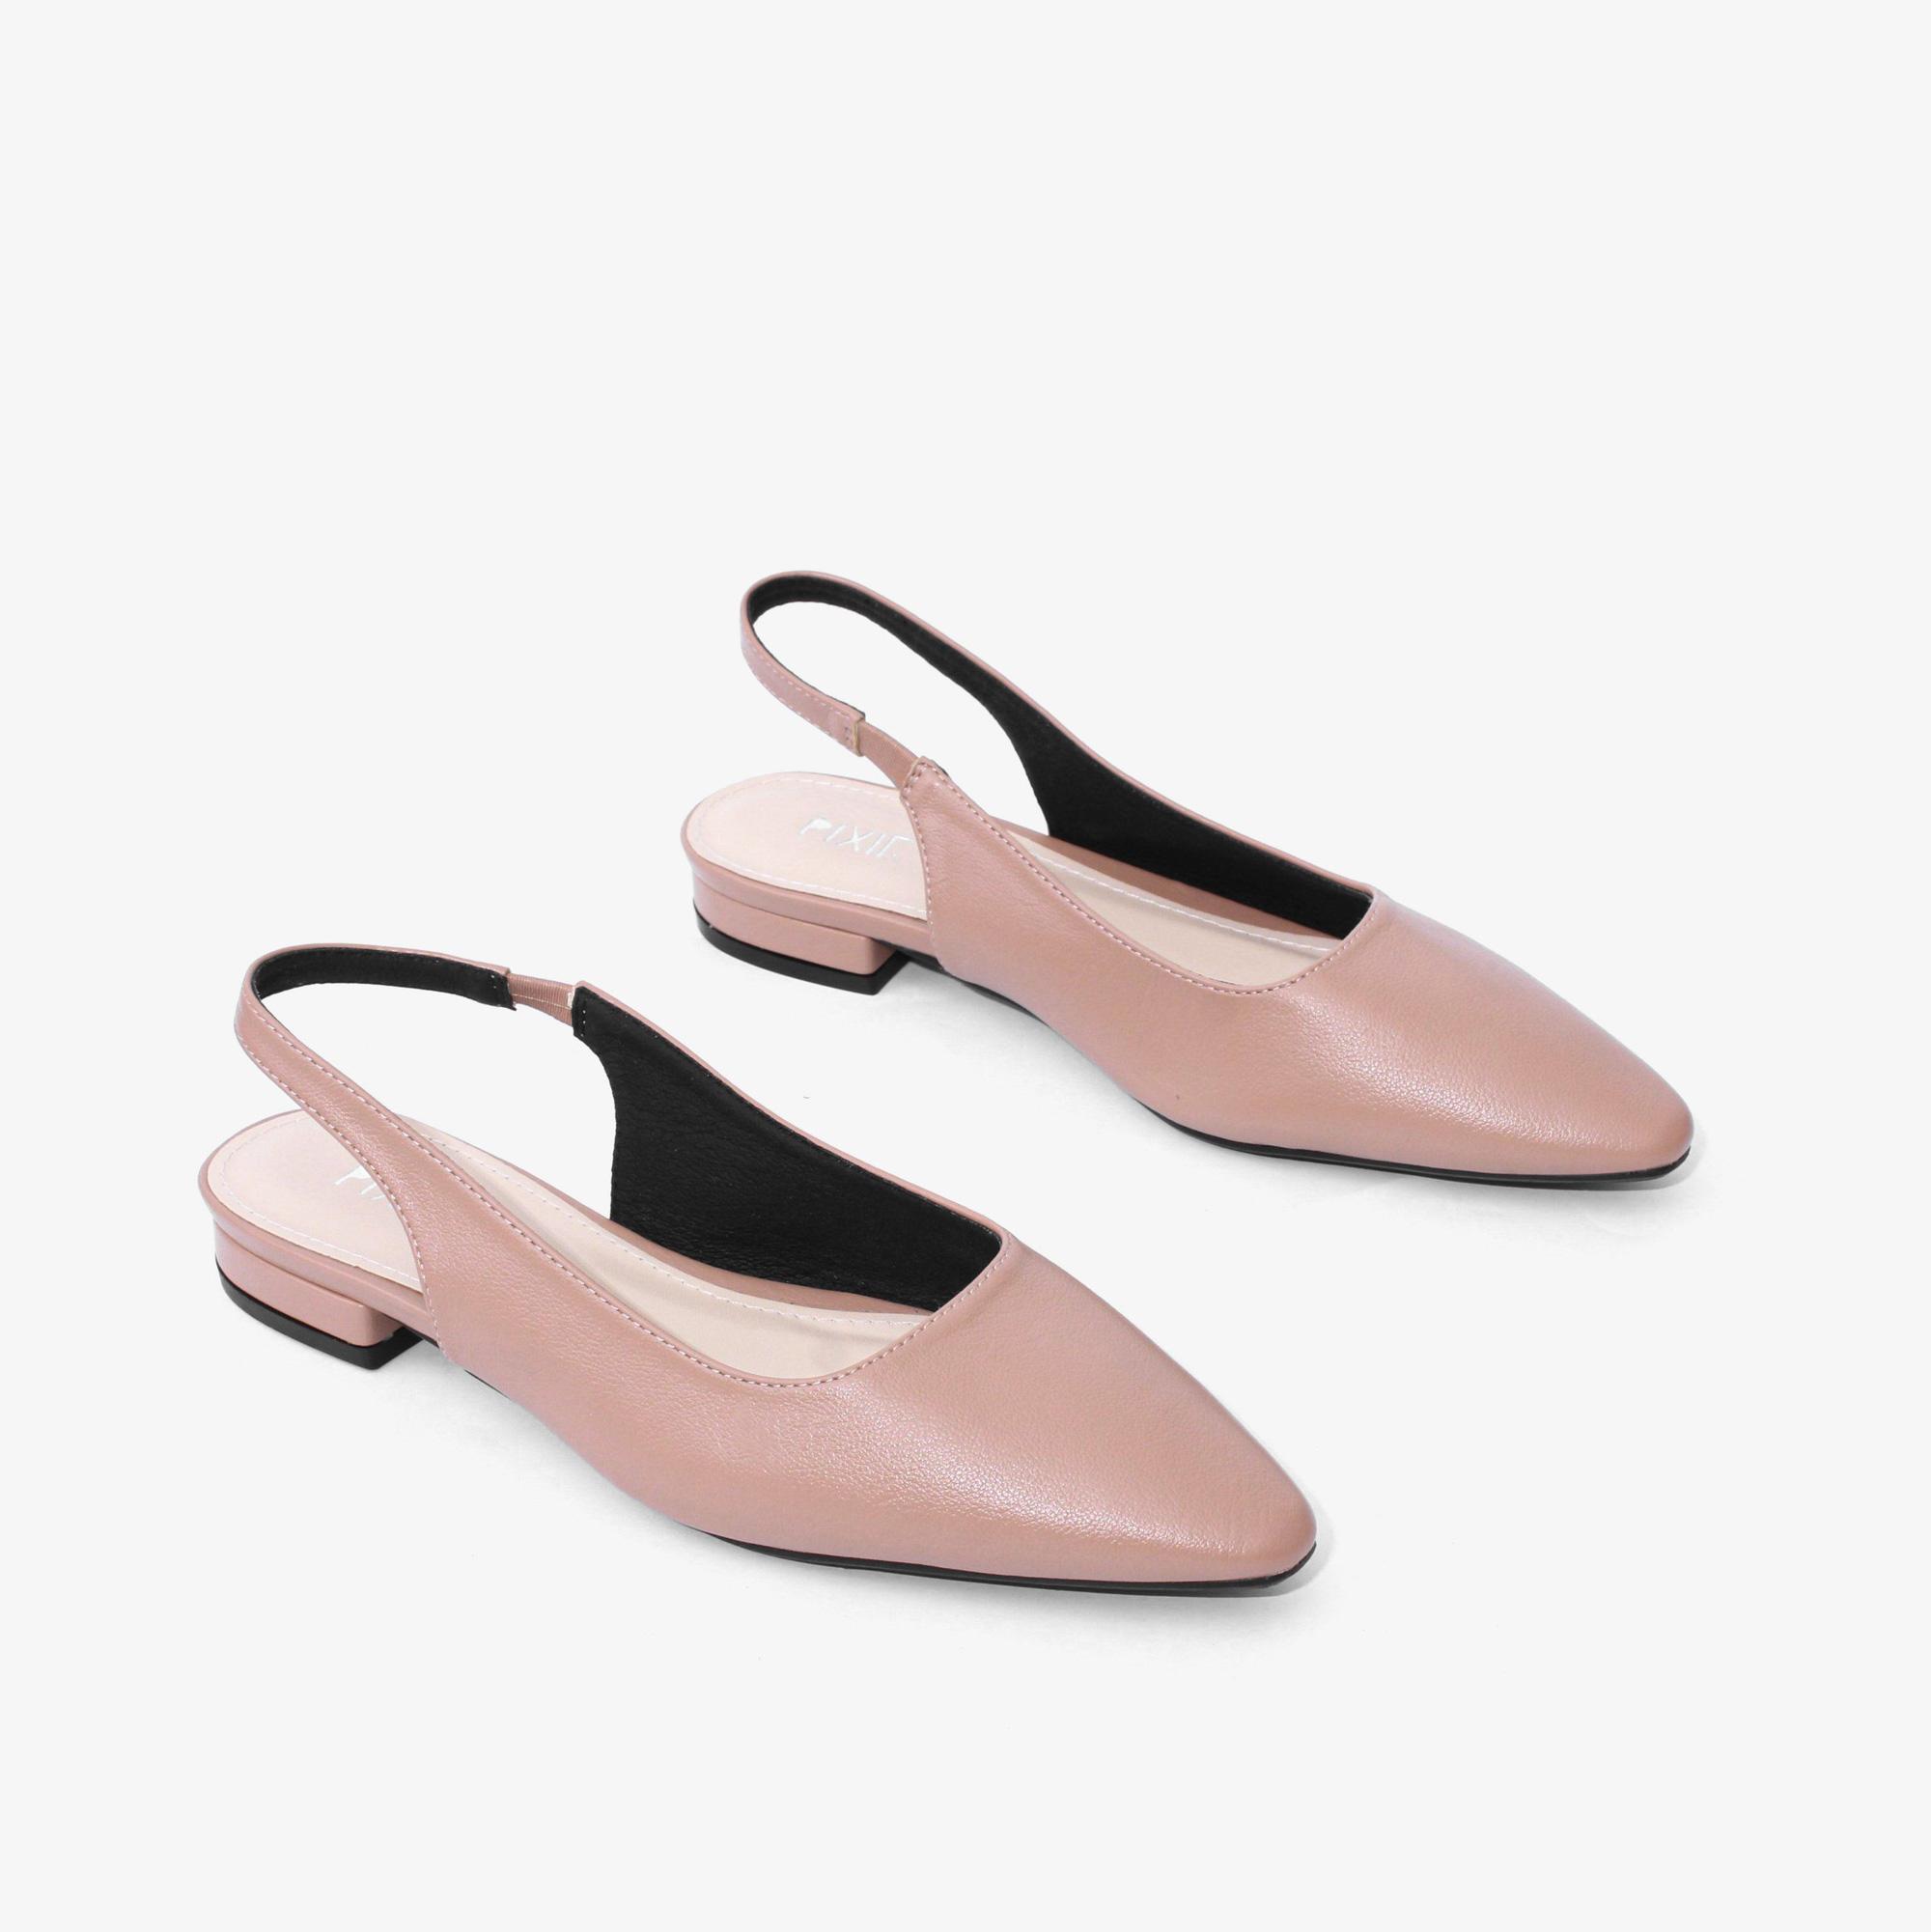 Kiểu giày chân ái của Son Ye Jin: Diện lên vừa hack dáng lại thanh lịch, style công sở sang hơn mấy phần - Ảnh 7.